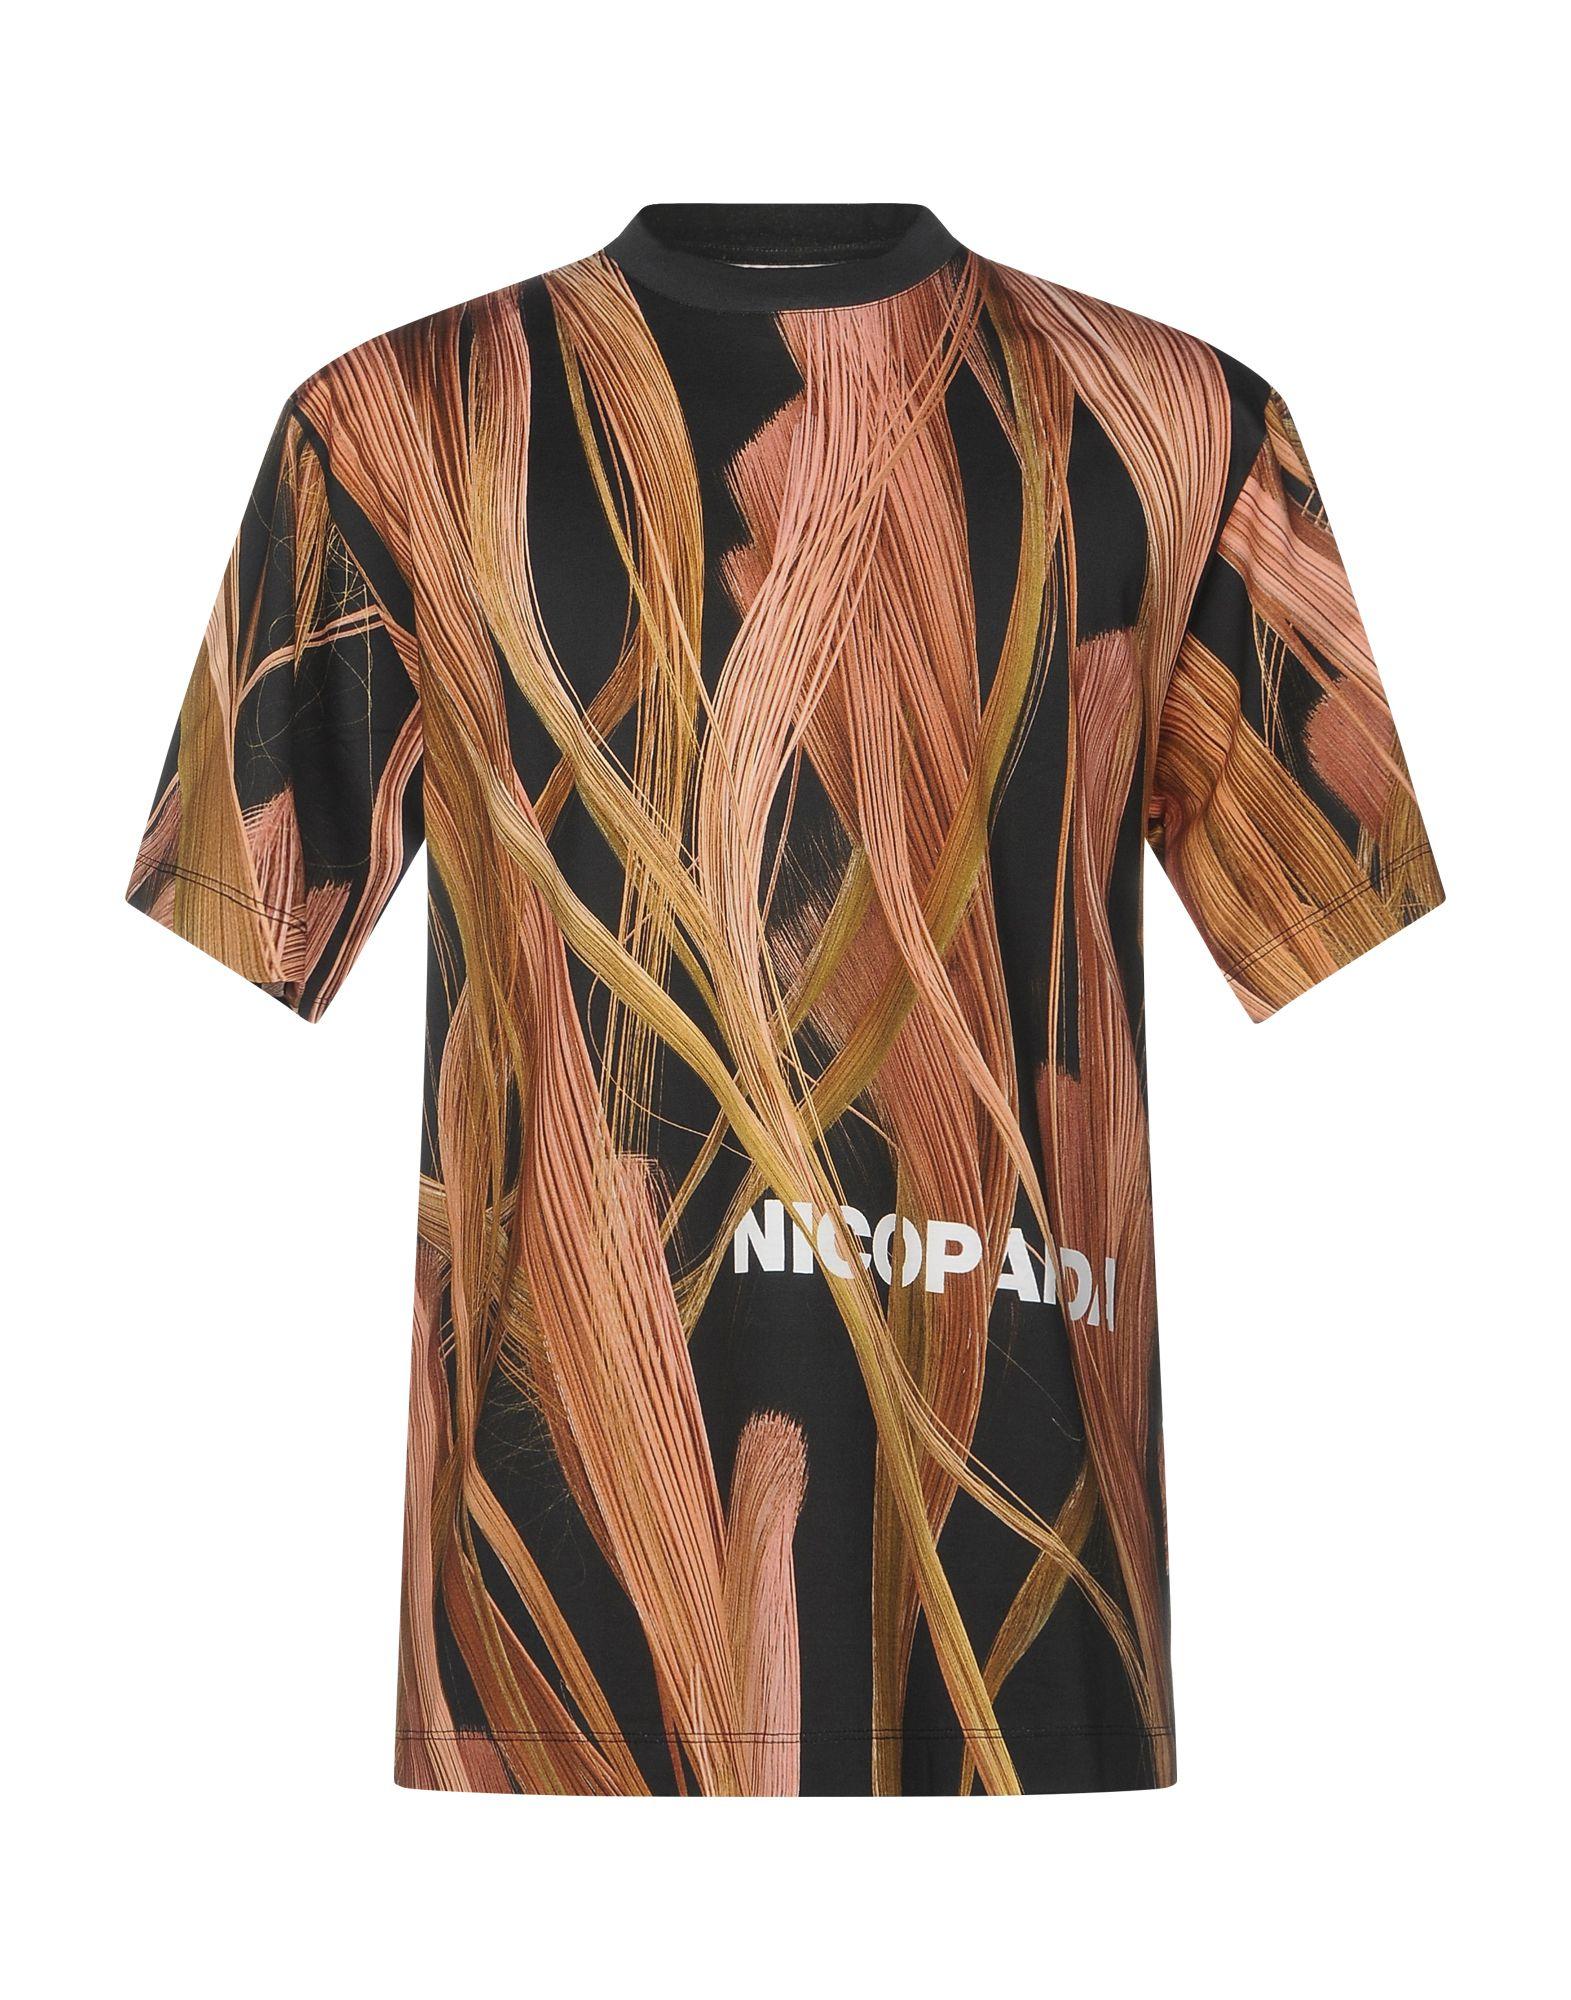 NICOPANDA Футболка футболка для мальчика acoola curie цвет разноцветный 20120110176 4400 размер 122